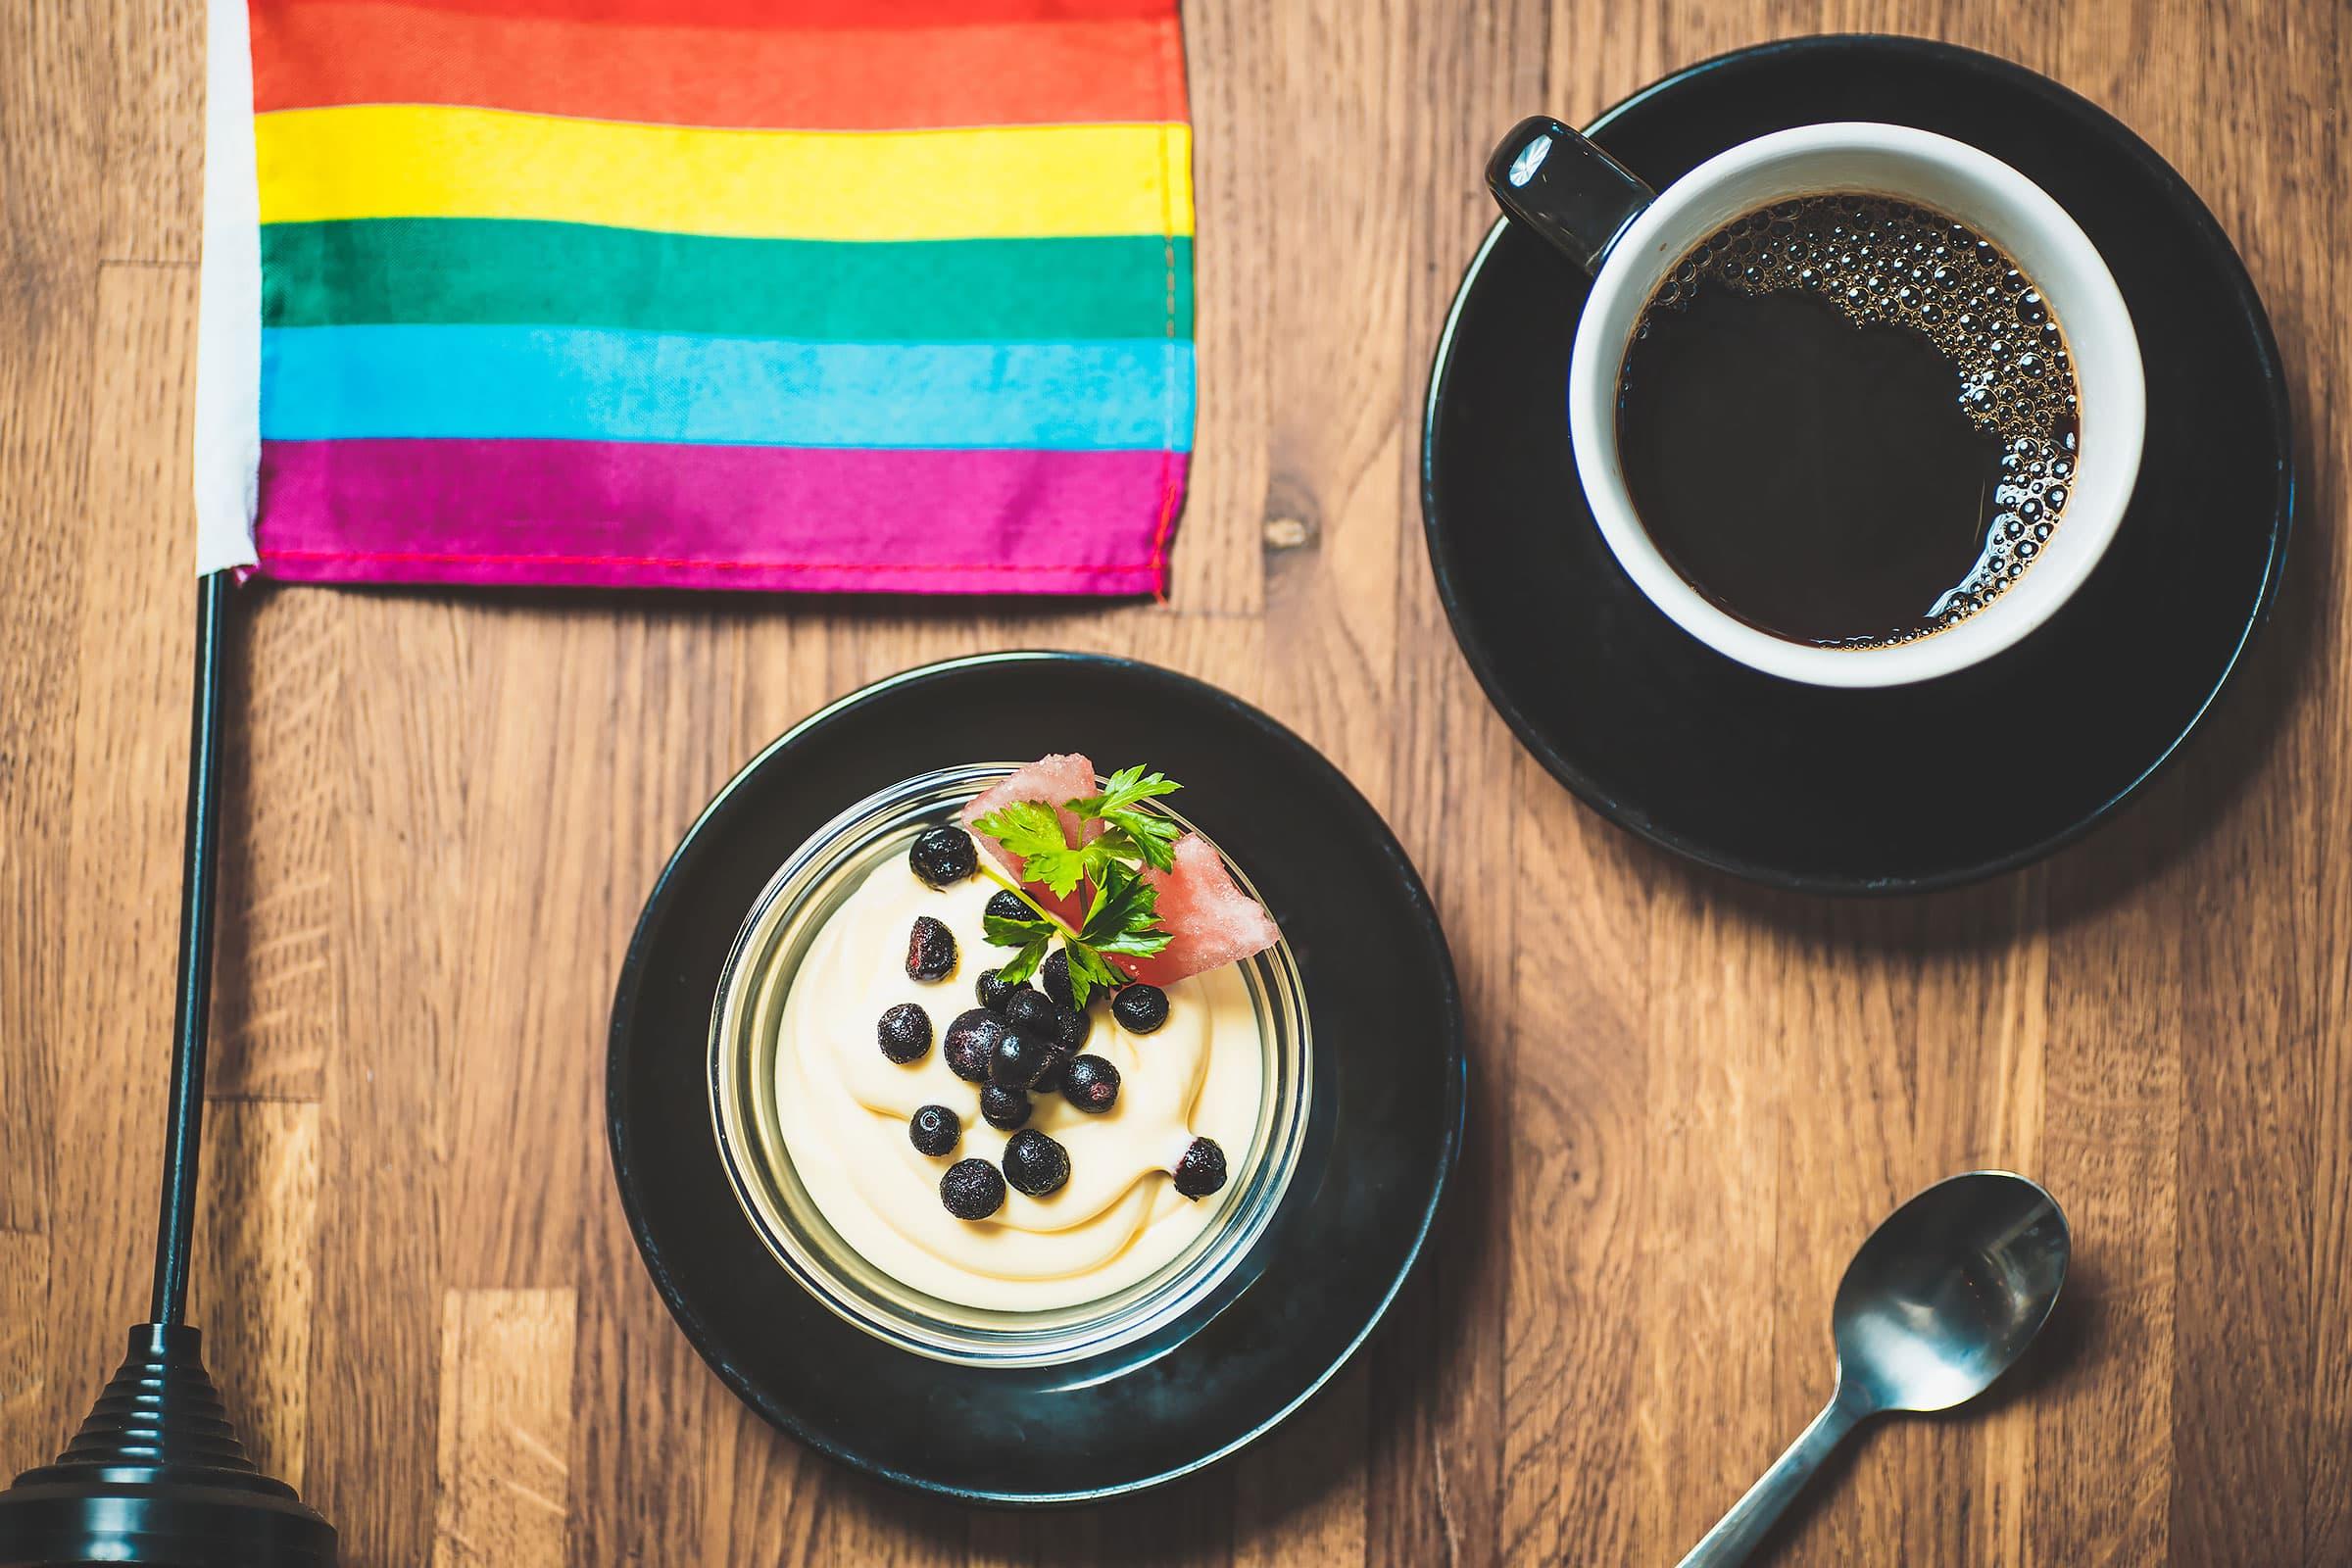 Hbtq-guiden till gayvänliga ställen i Göteborg